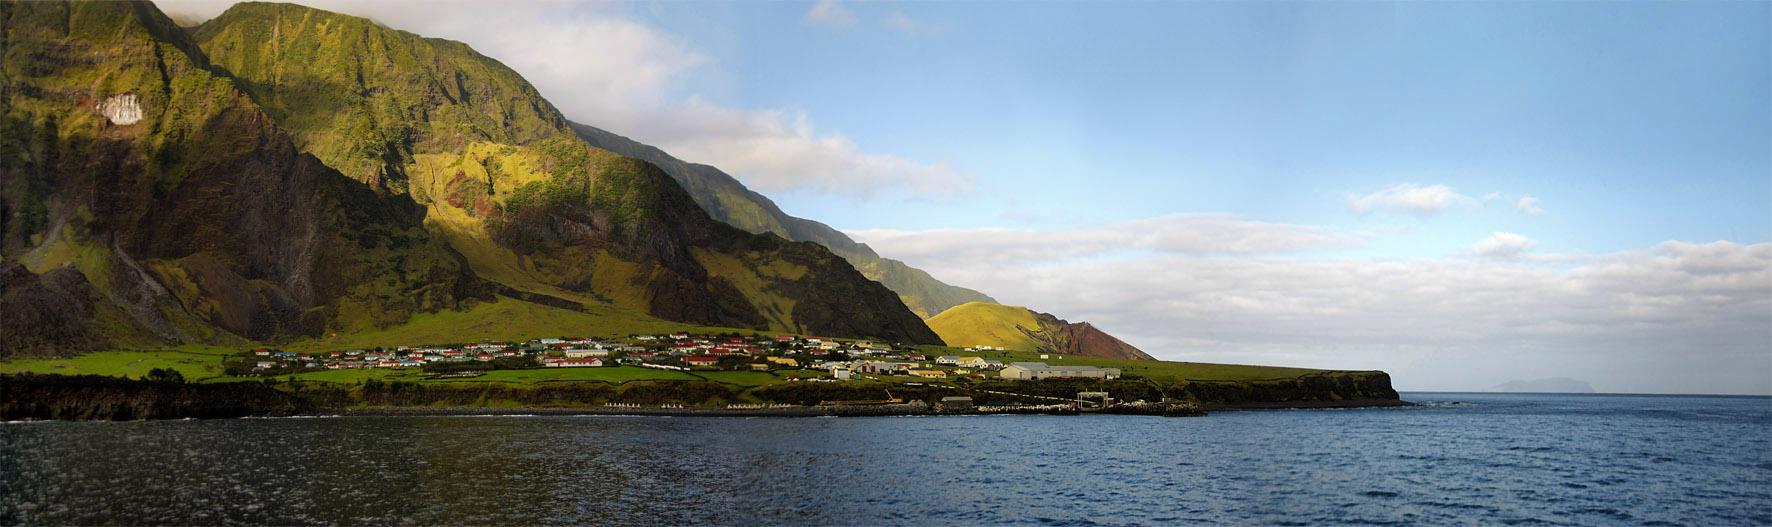 theWise racconta: L'isola delle rocce che camminano